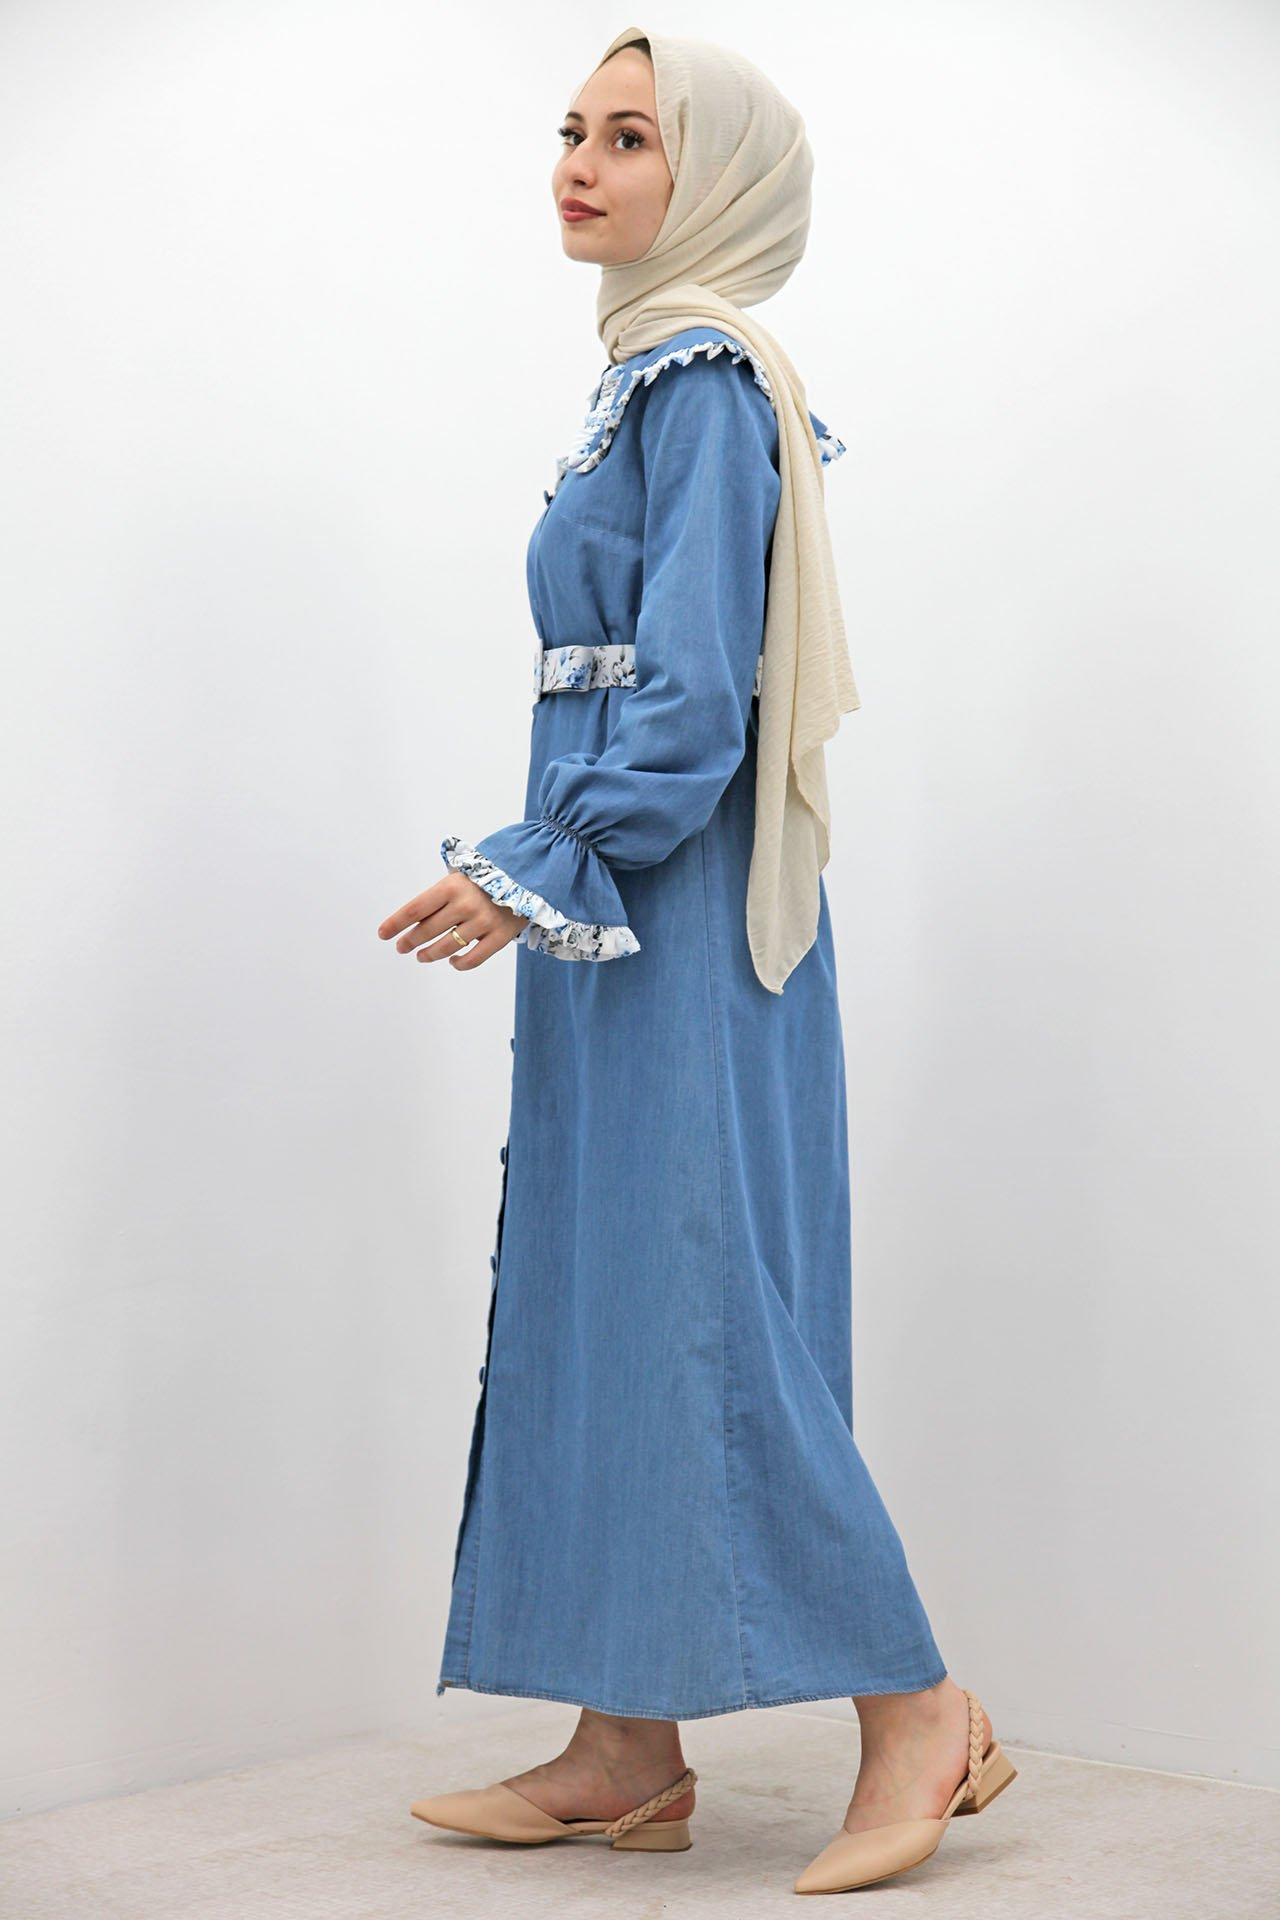 Bebe Yaka Koyu Kot Elbise - Thumbnail